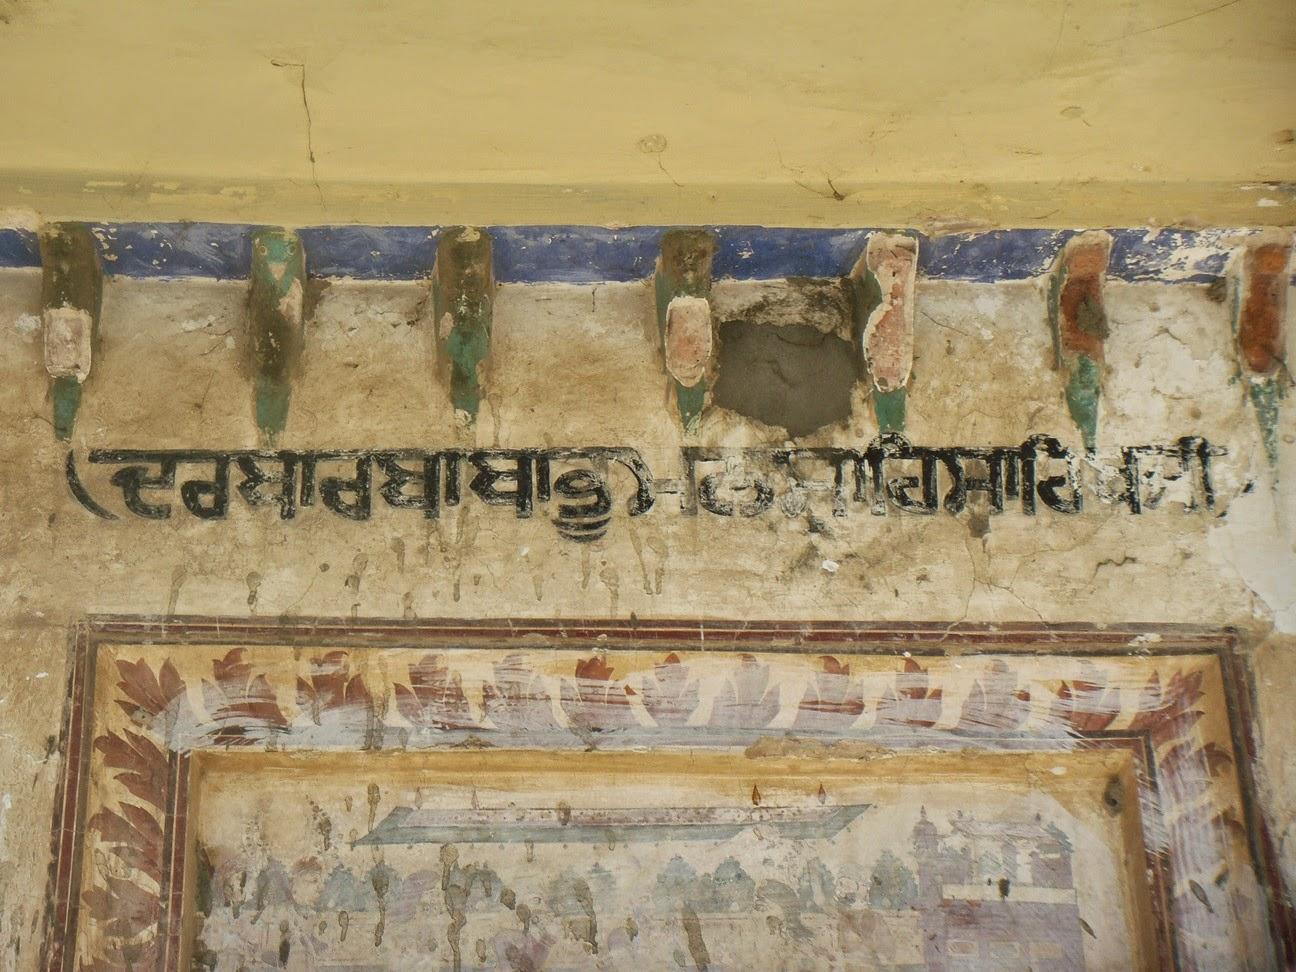 Holy inscriptions in the gurdwara. (21-Mar-2011)